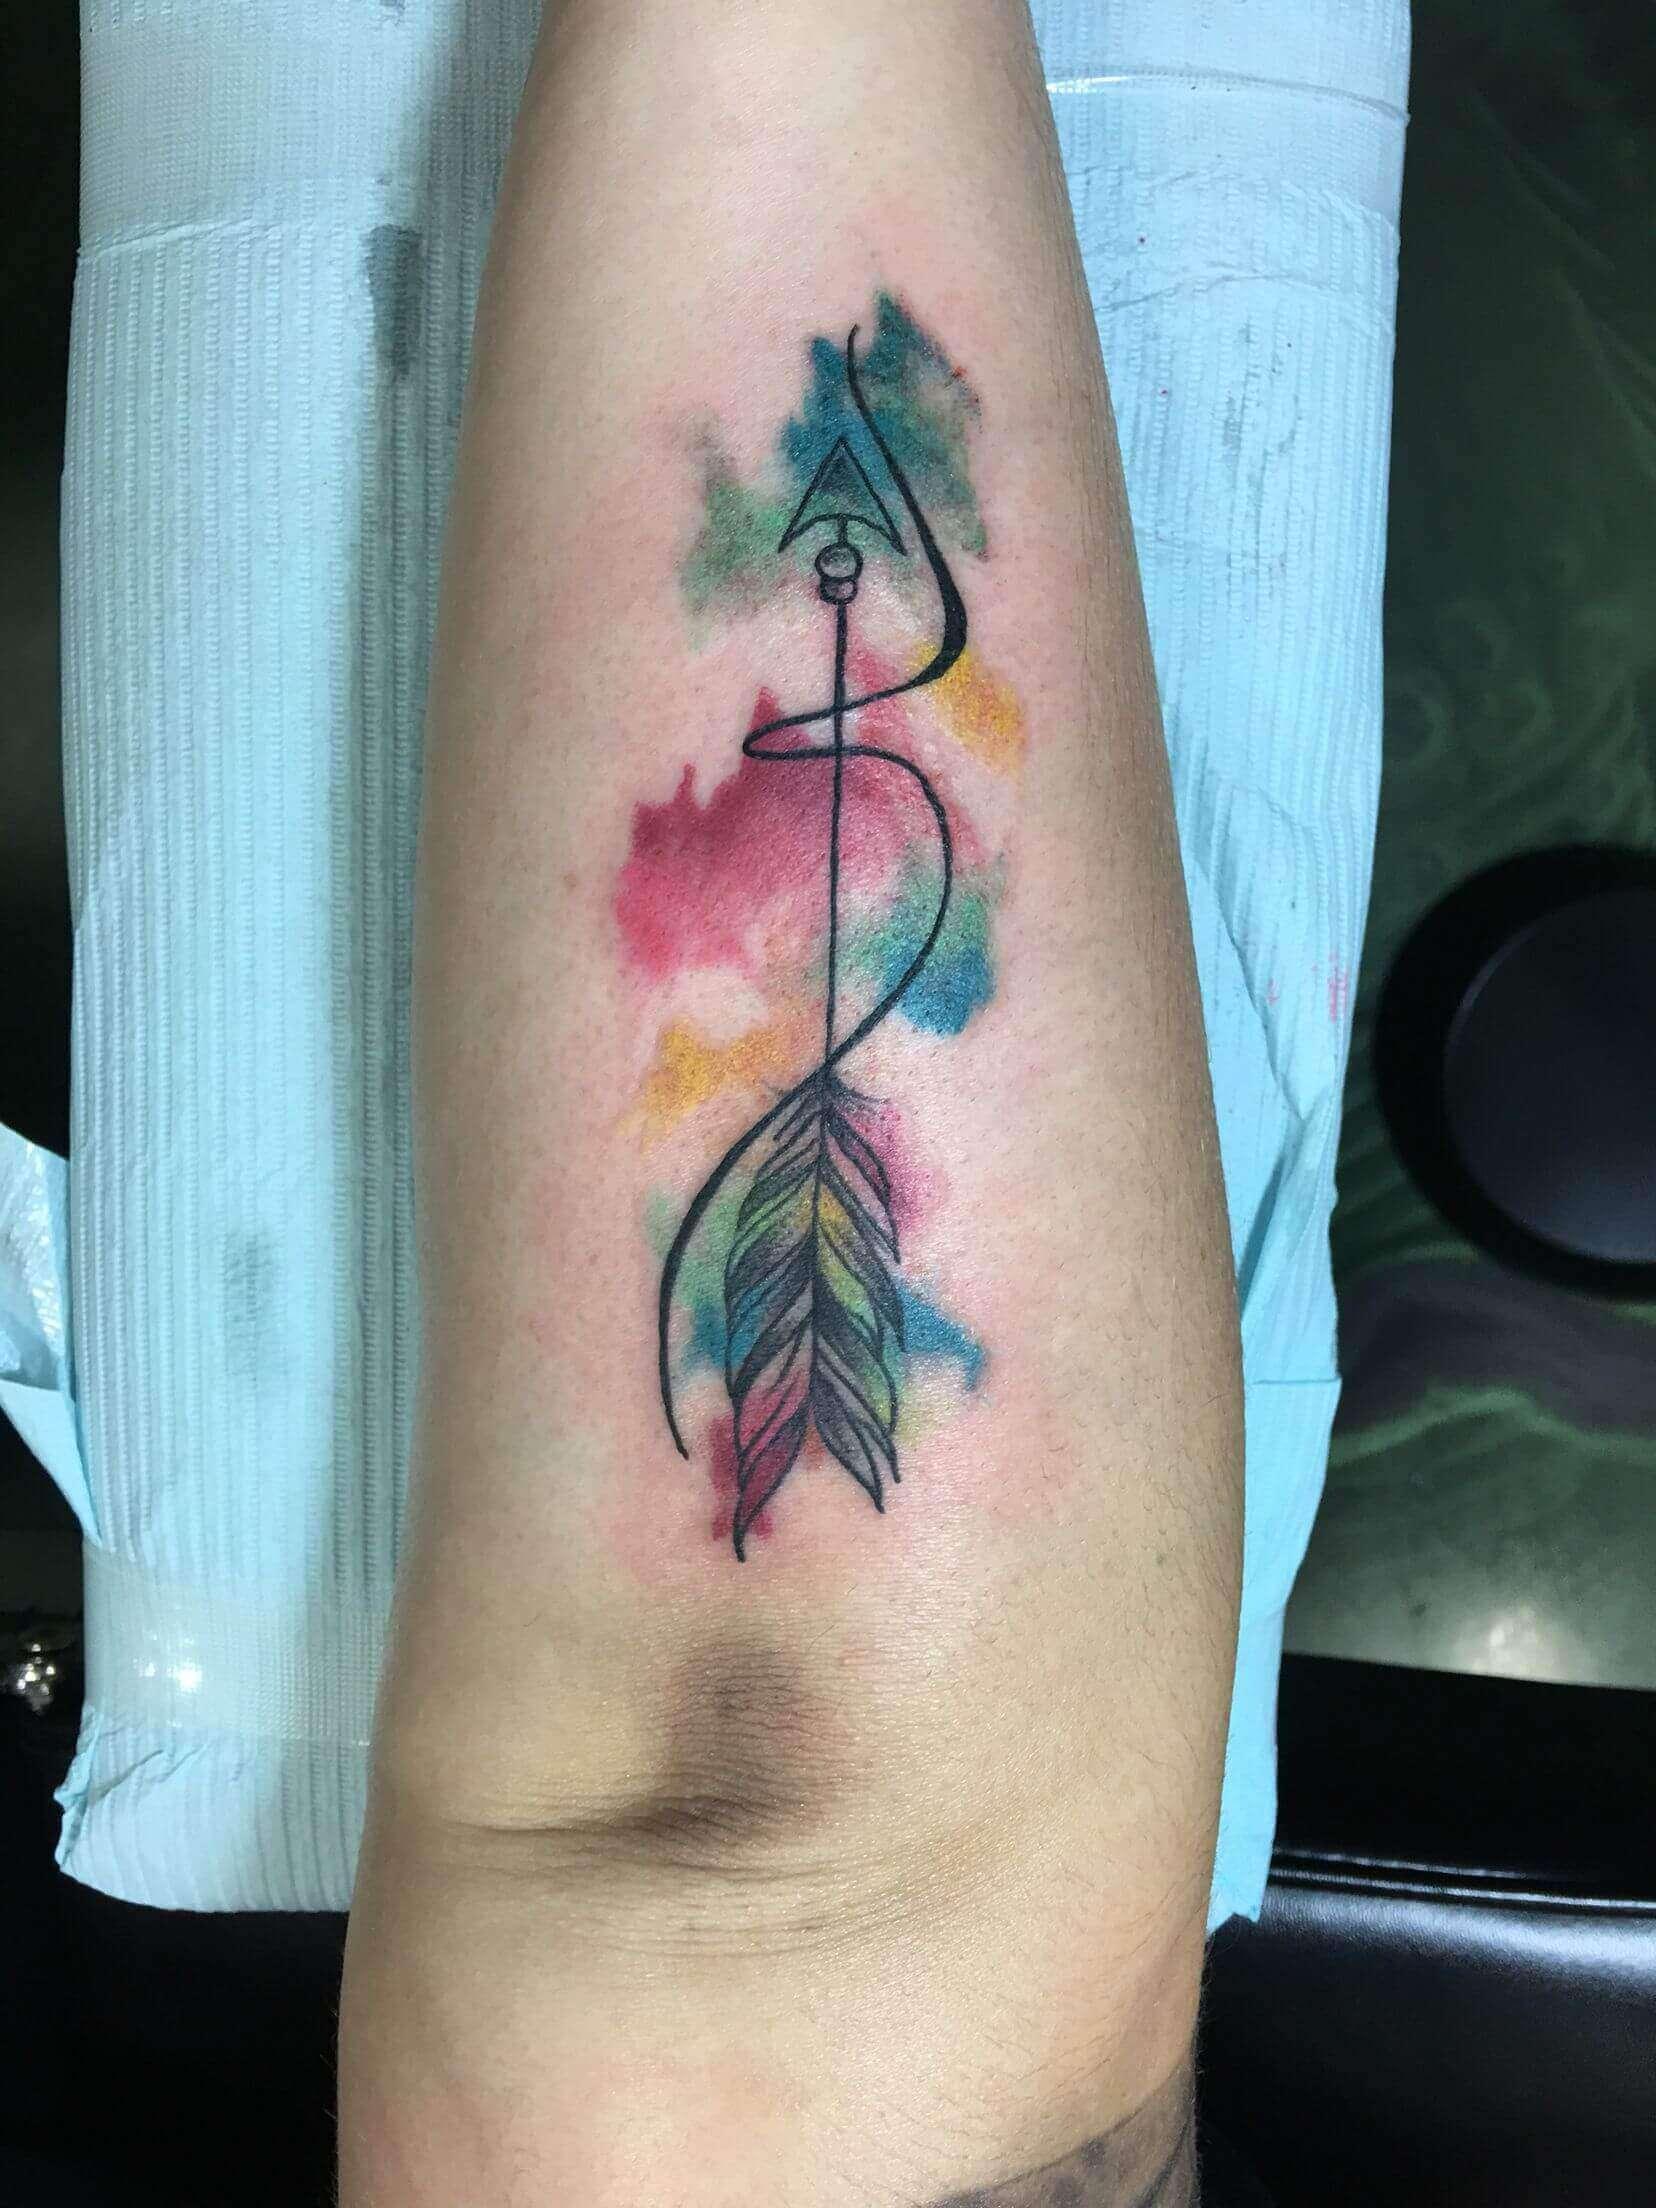 watercolor sagittarius tattoo on arm